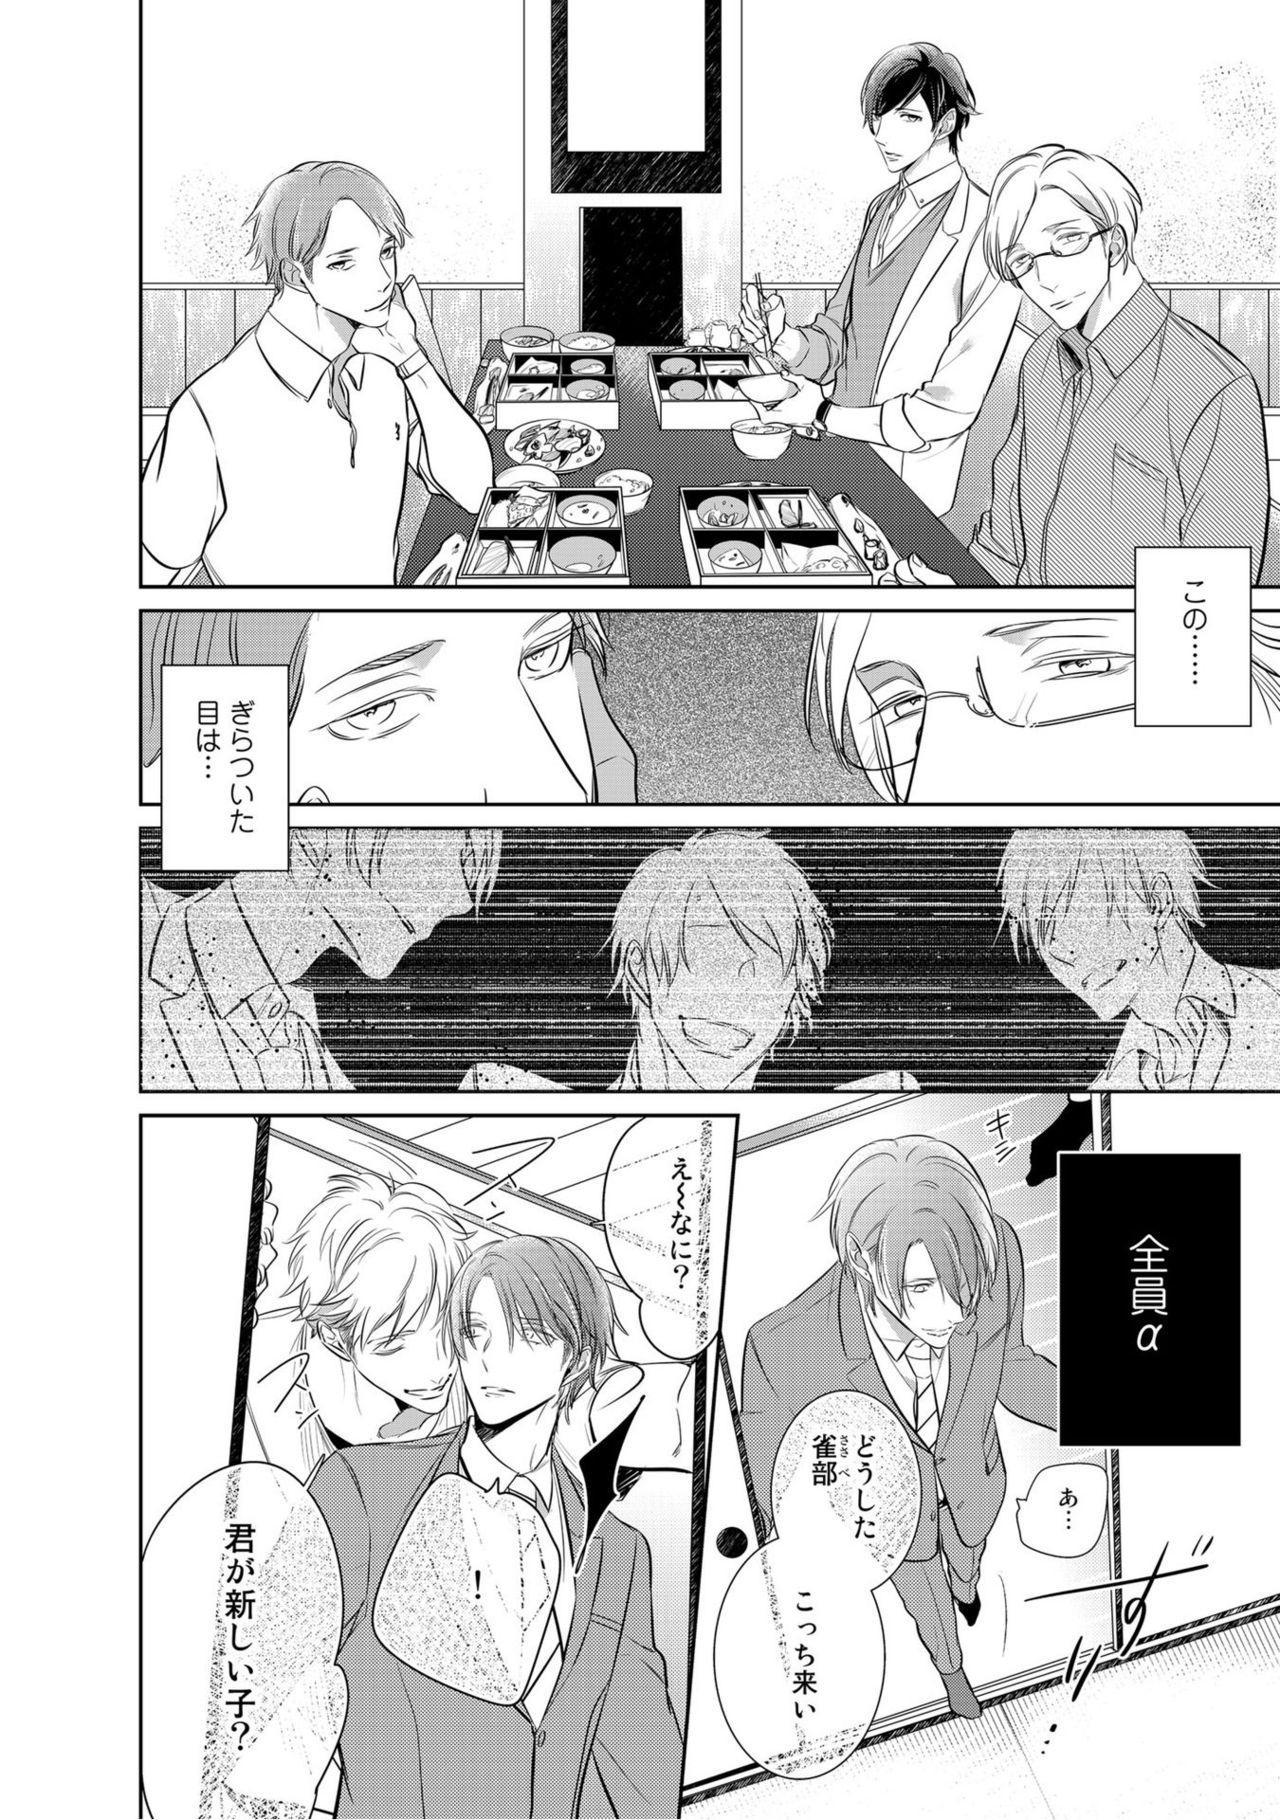 Kurui Naku no wa Boku no Ban ~ vol.2 131